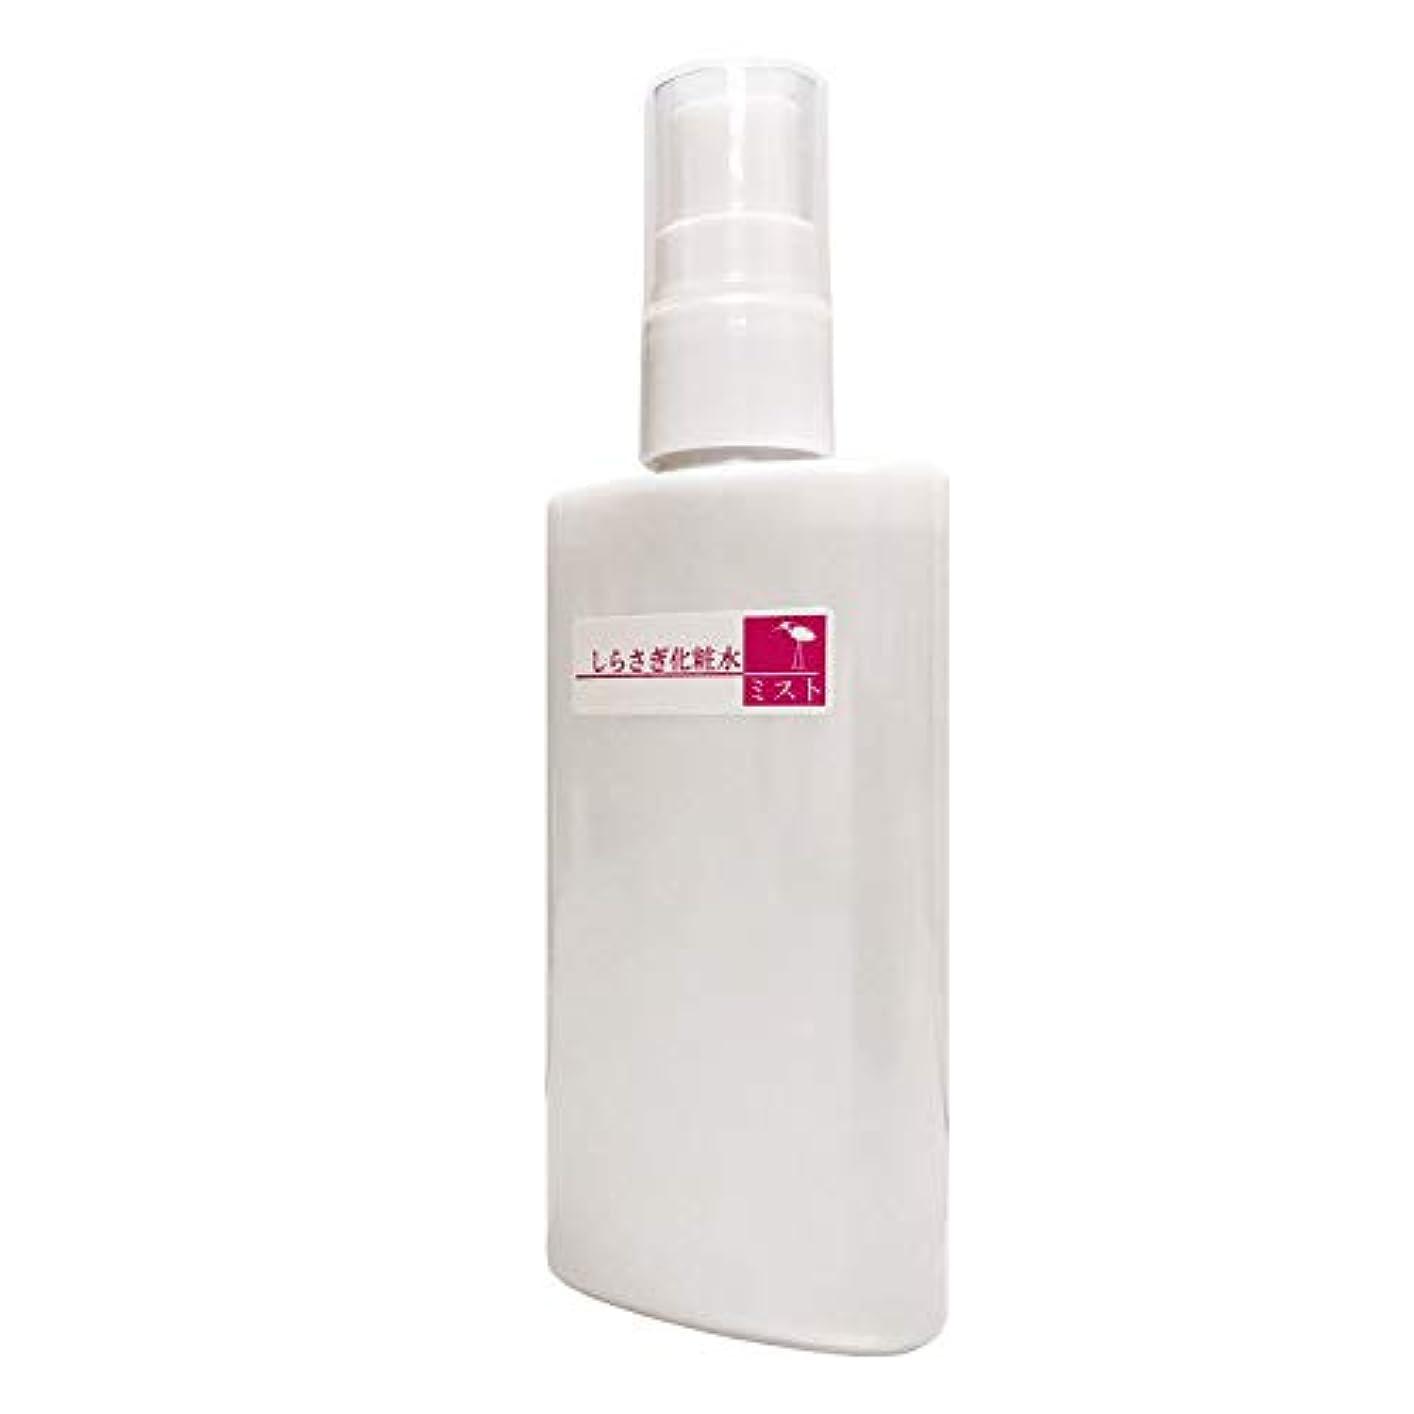 乱す意識的るしらさぎ化粧水 ミスト(馬油 ホホバオイル 天然成分 保湿化粧水)